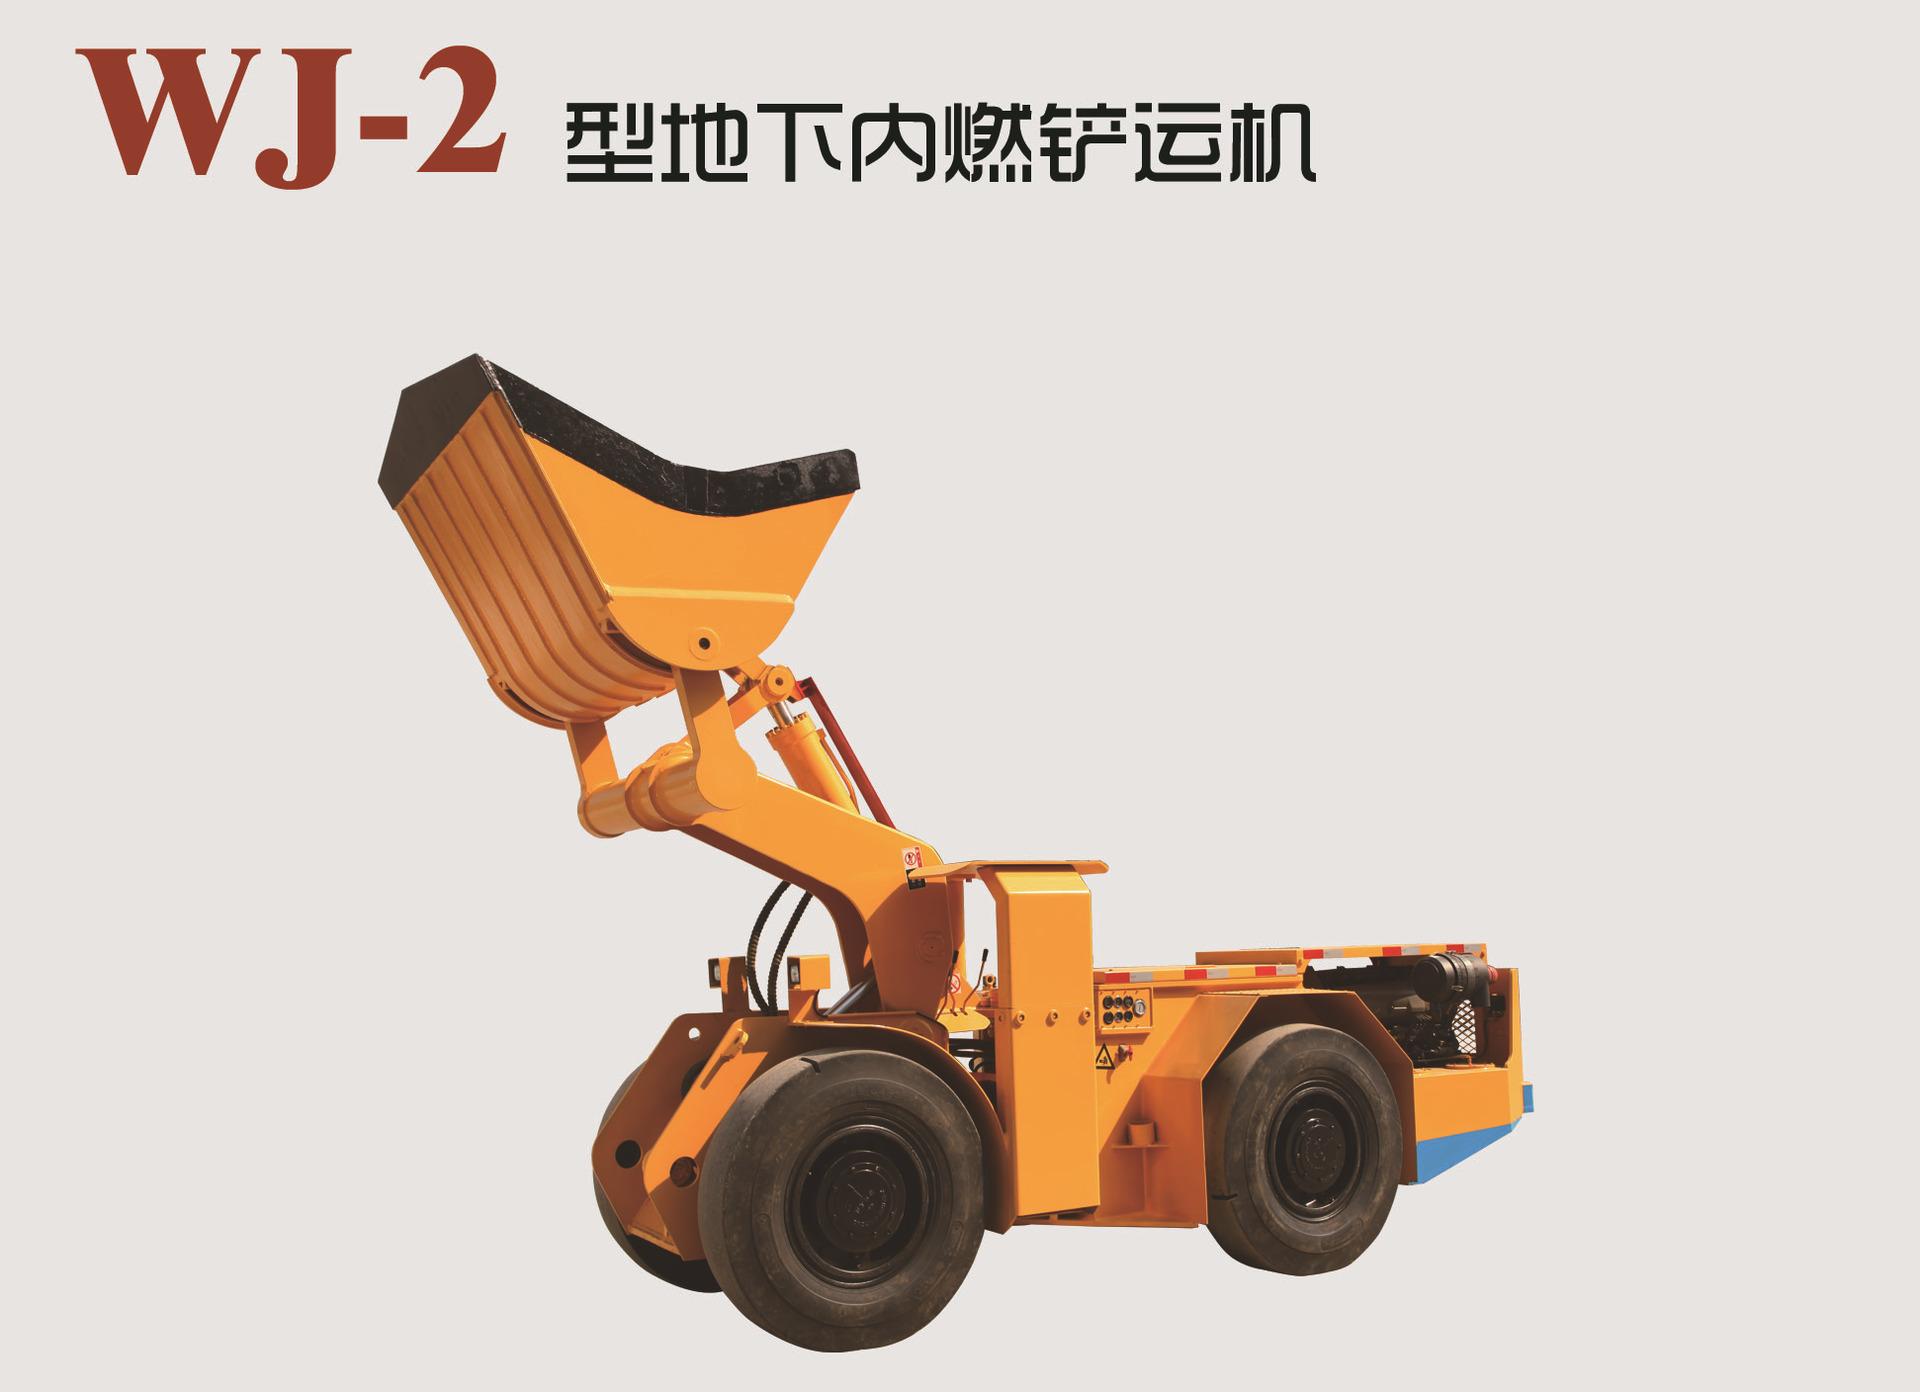 内燃铲运机 wj 2地下内燃铲运机 WJ 2地下内燃铲运机 阿里巴巴图片